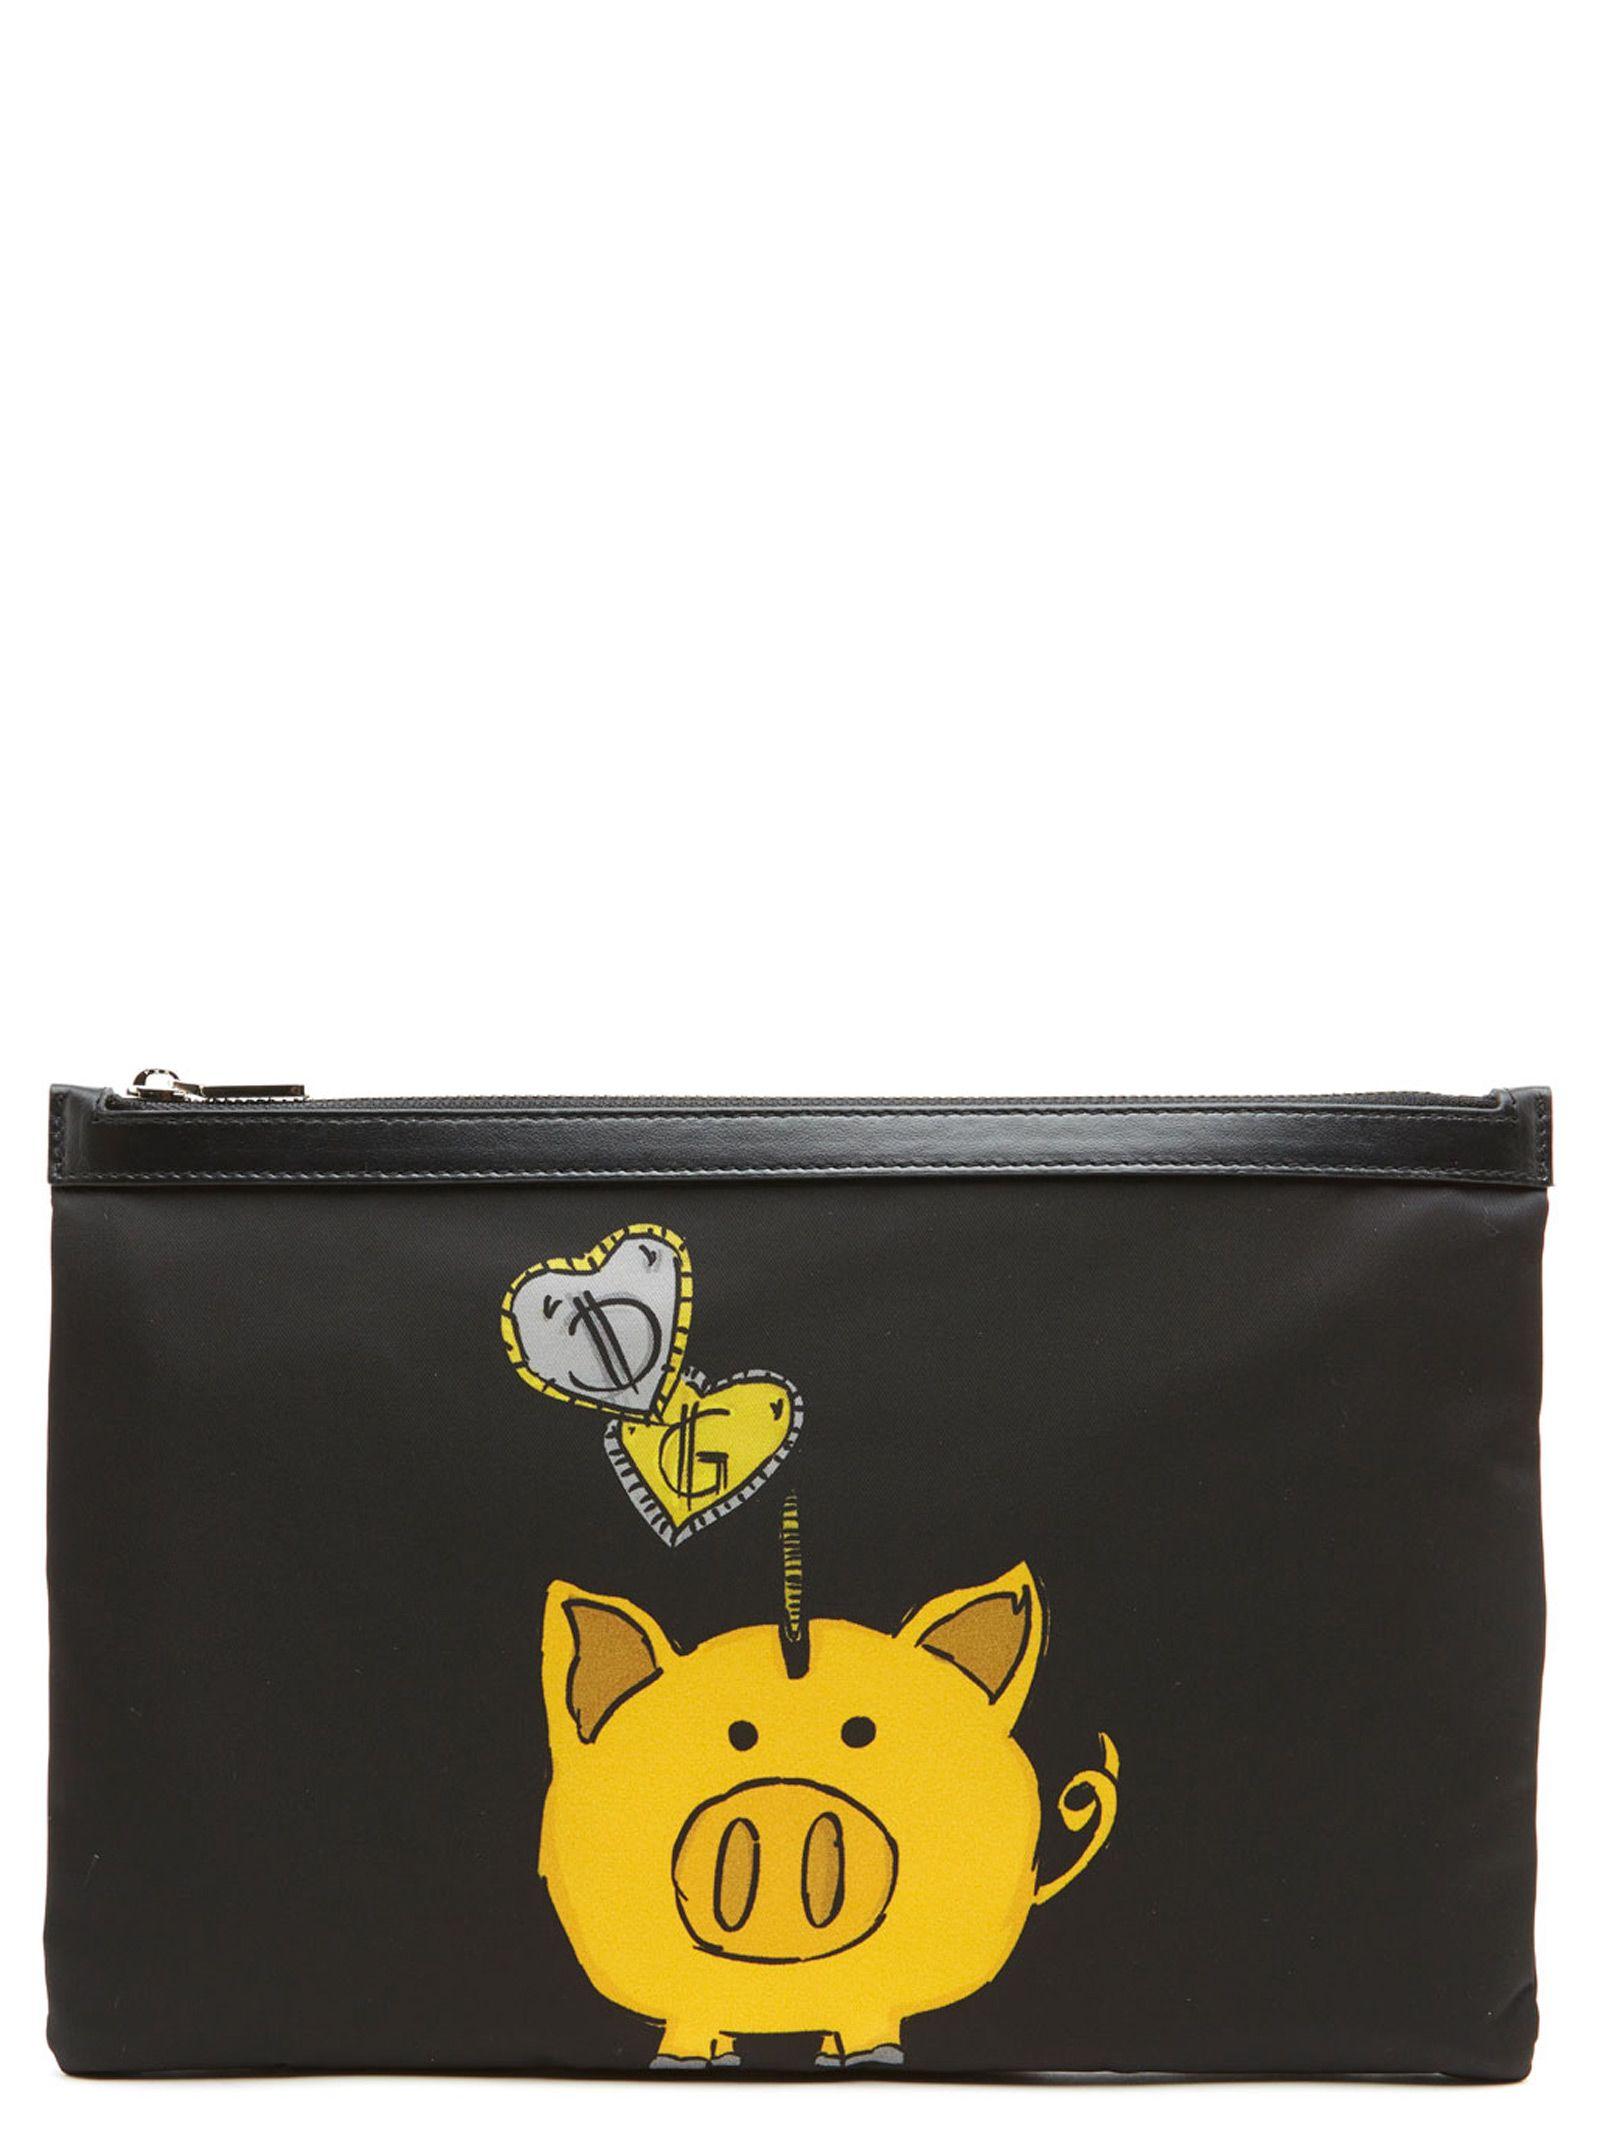 9e27267a29 Dolce   Gabbana Dolce   Gabbana  piggy Bank  Bag - Black - 10824441 ...